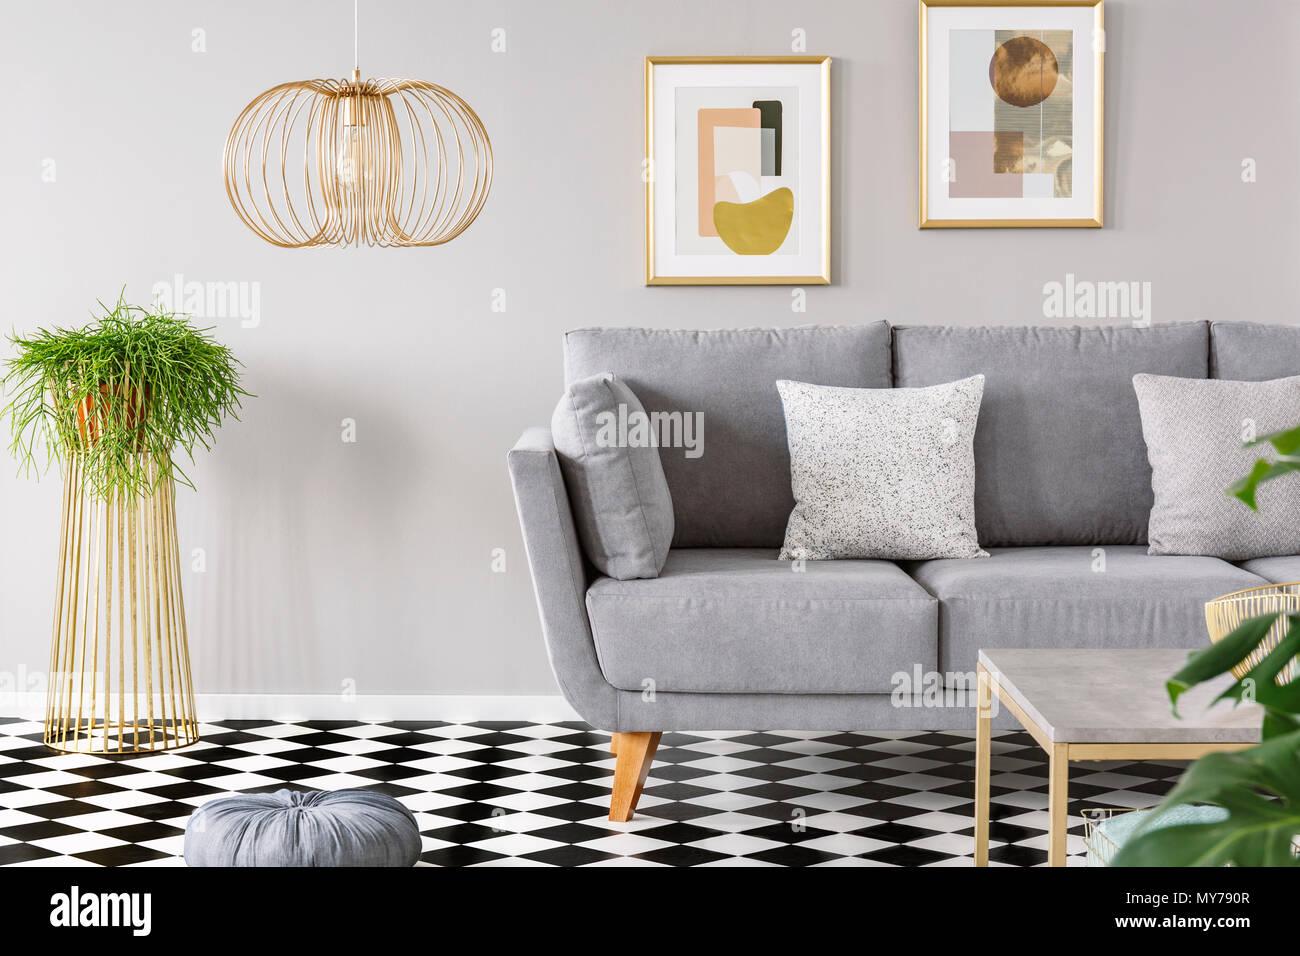 Real Photo Aus Einem Wohnzimmer Interieur Mit Gold Poster An Den Wänden,  Grau Sofa Mit Kissen Und Karierten Boden